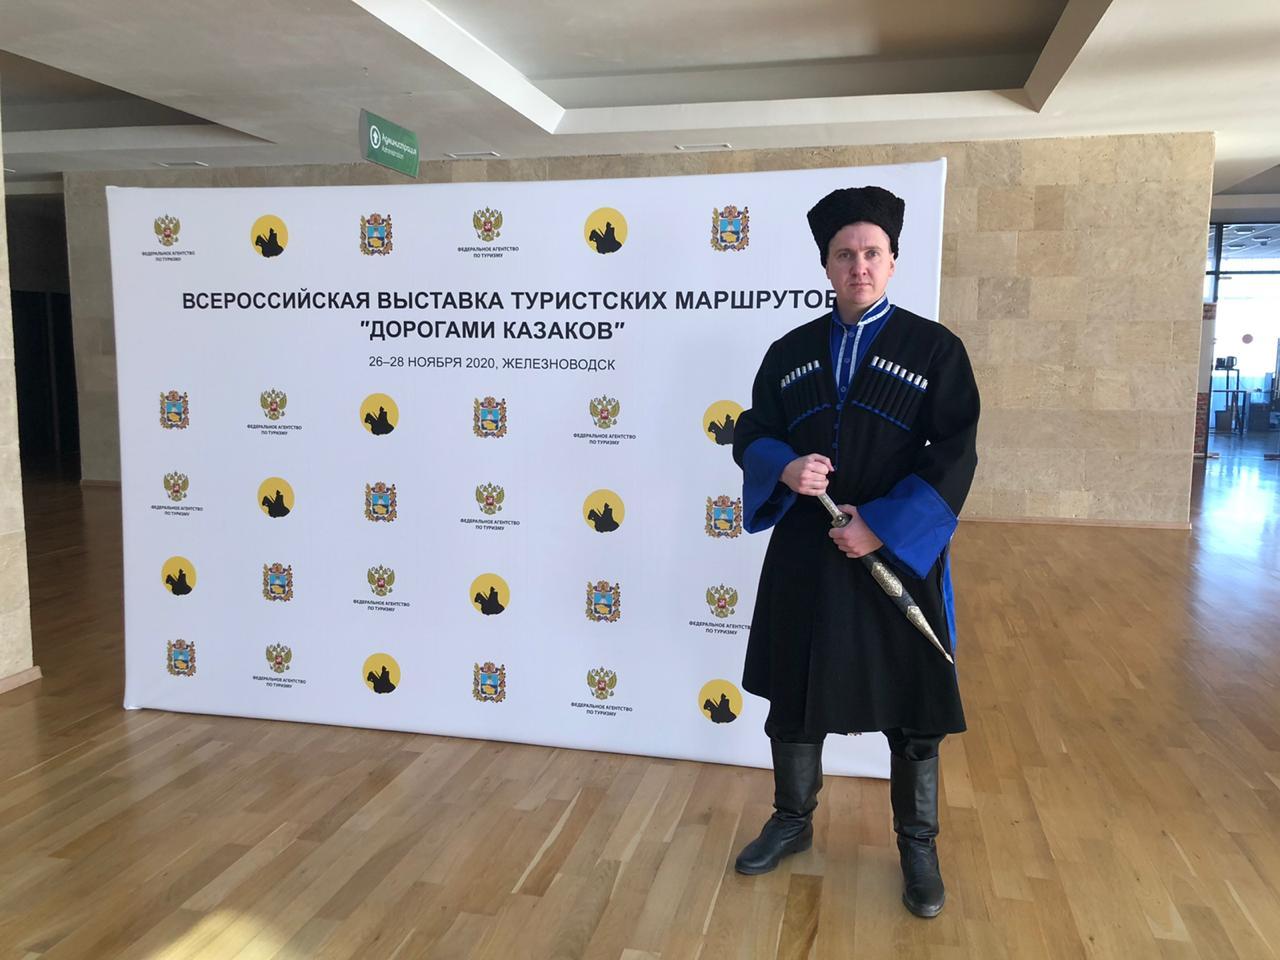 Экскурсии из Пятигорска. Казаки